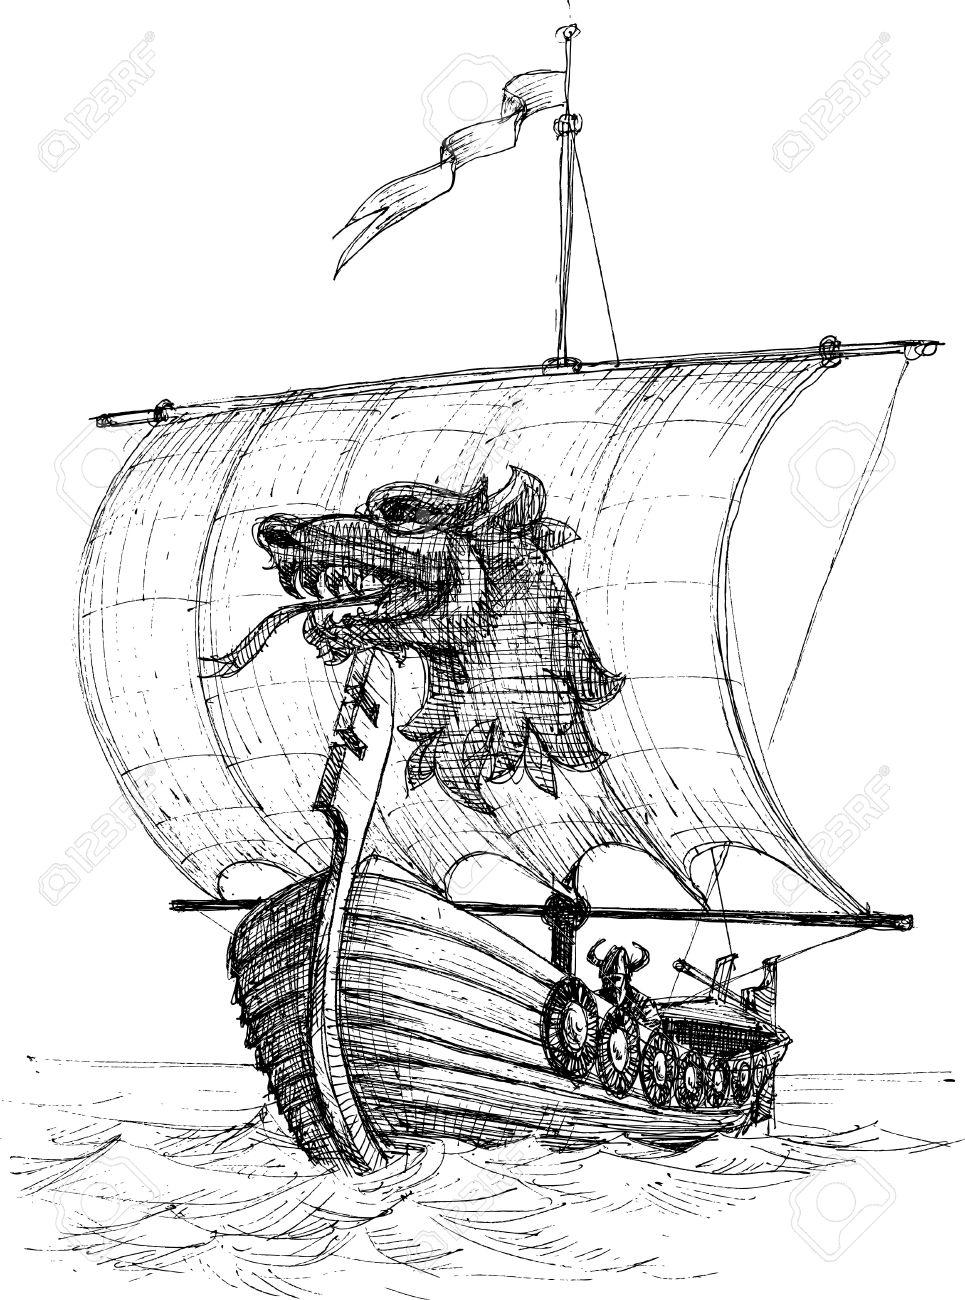 long boat drakkar sketch royalty free cliparts vectors and stock